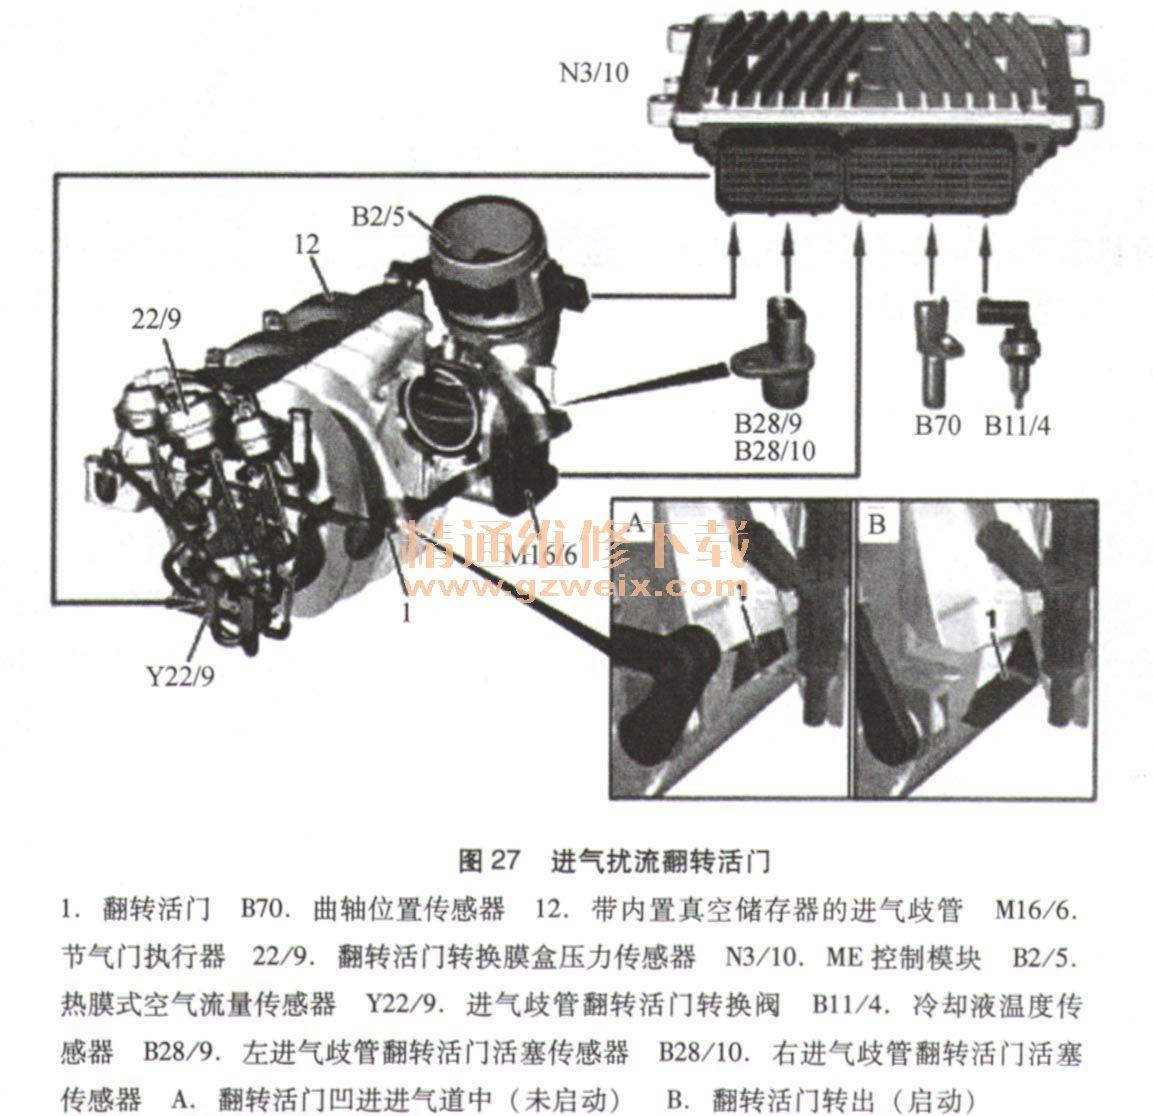 迈腾进气歧管阀位置传感器图分享展示